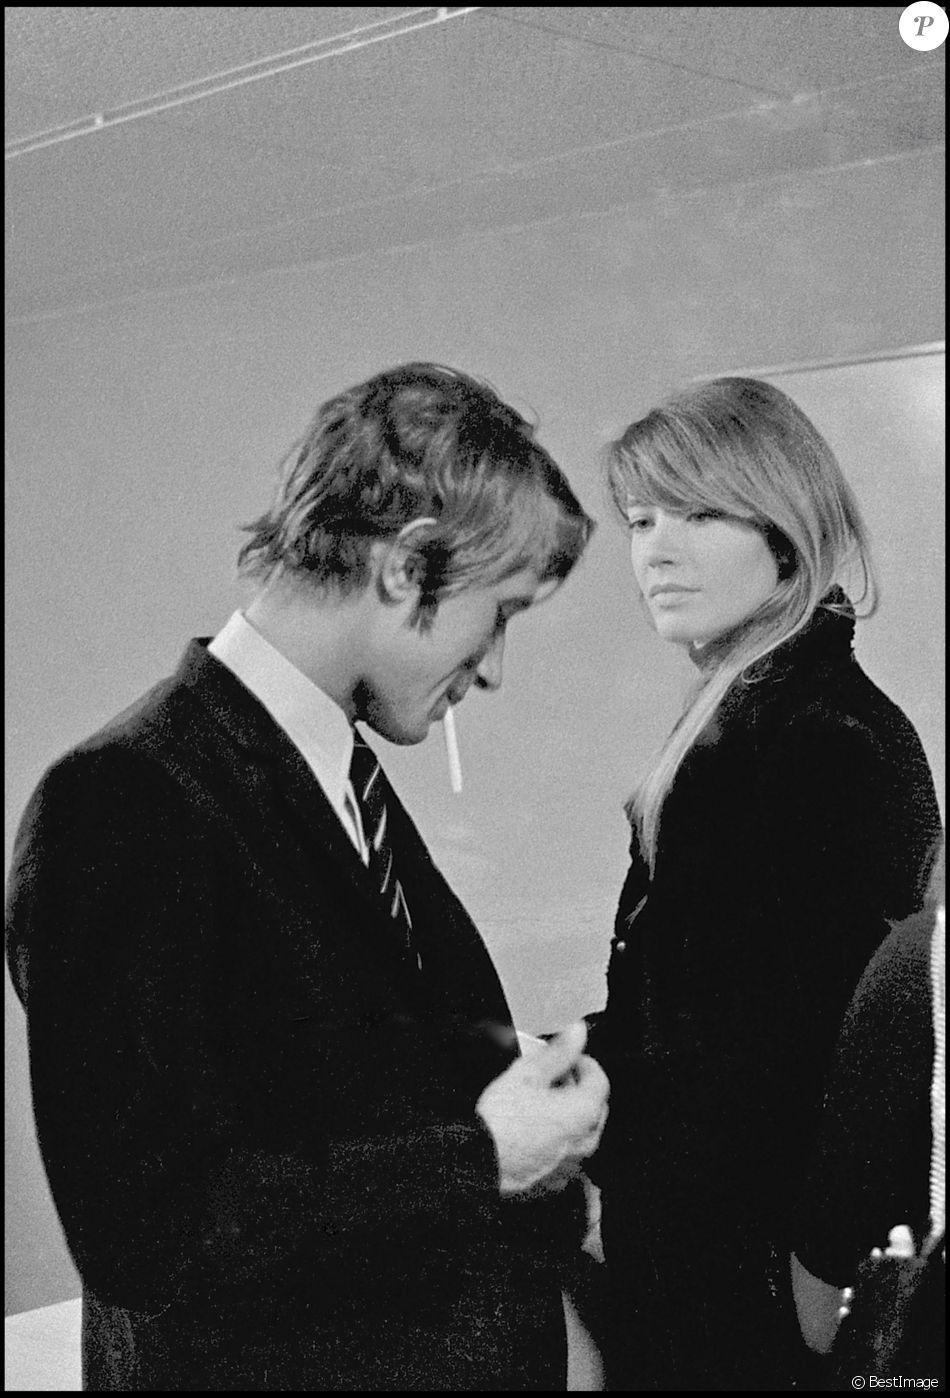 Jacques Dutronc et Françoise Hardy - Coulisses d'une émission en 1967 à Paris